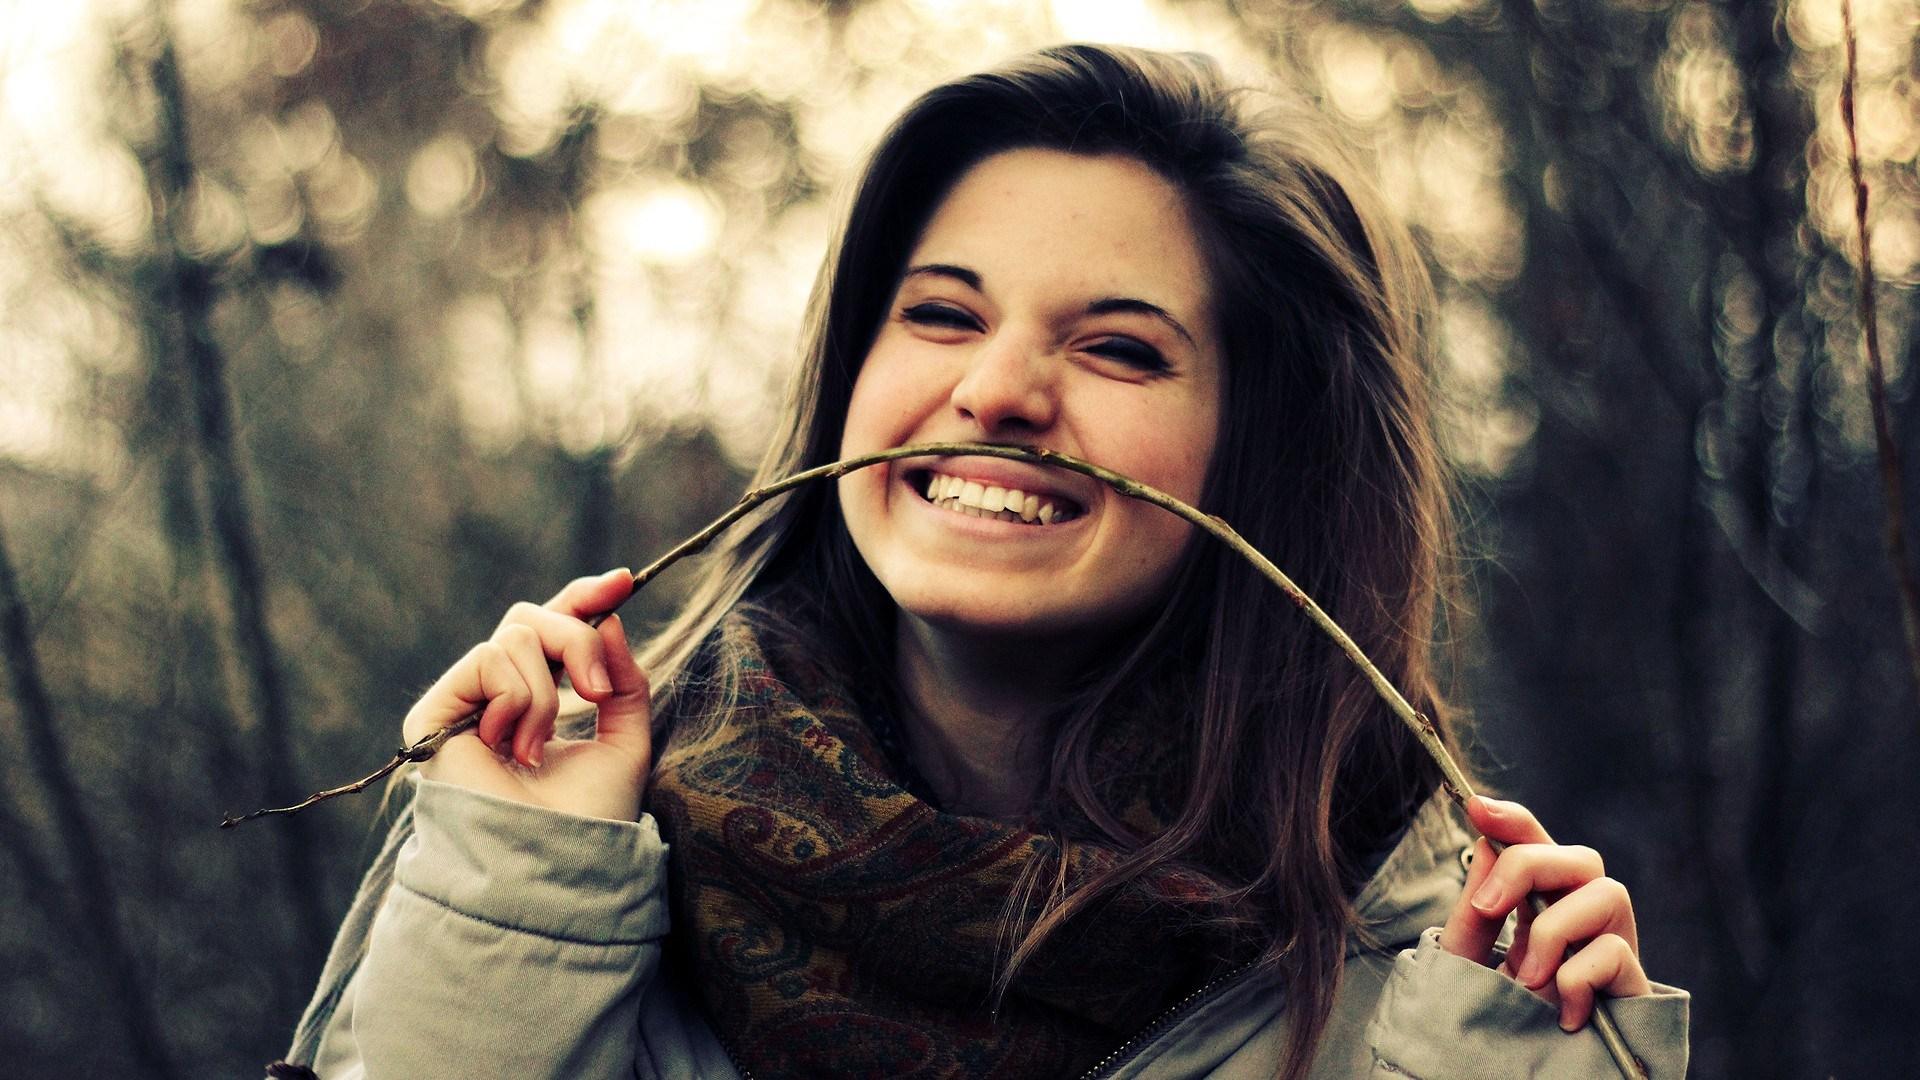 Beautiful Smile Wallpaper 68 Images: 8 Coisas Que As Pessoas Felizes Fazem, Mas Não Comentam